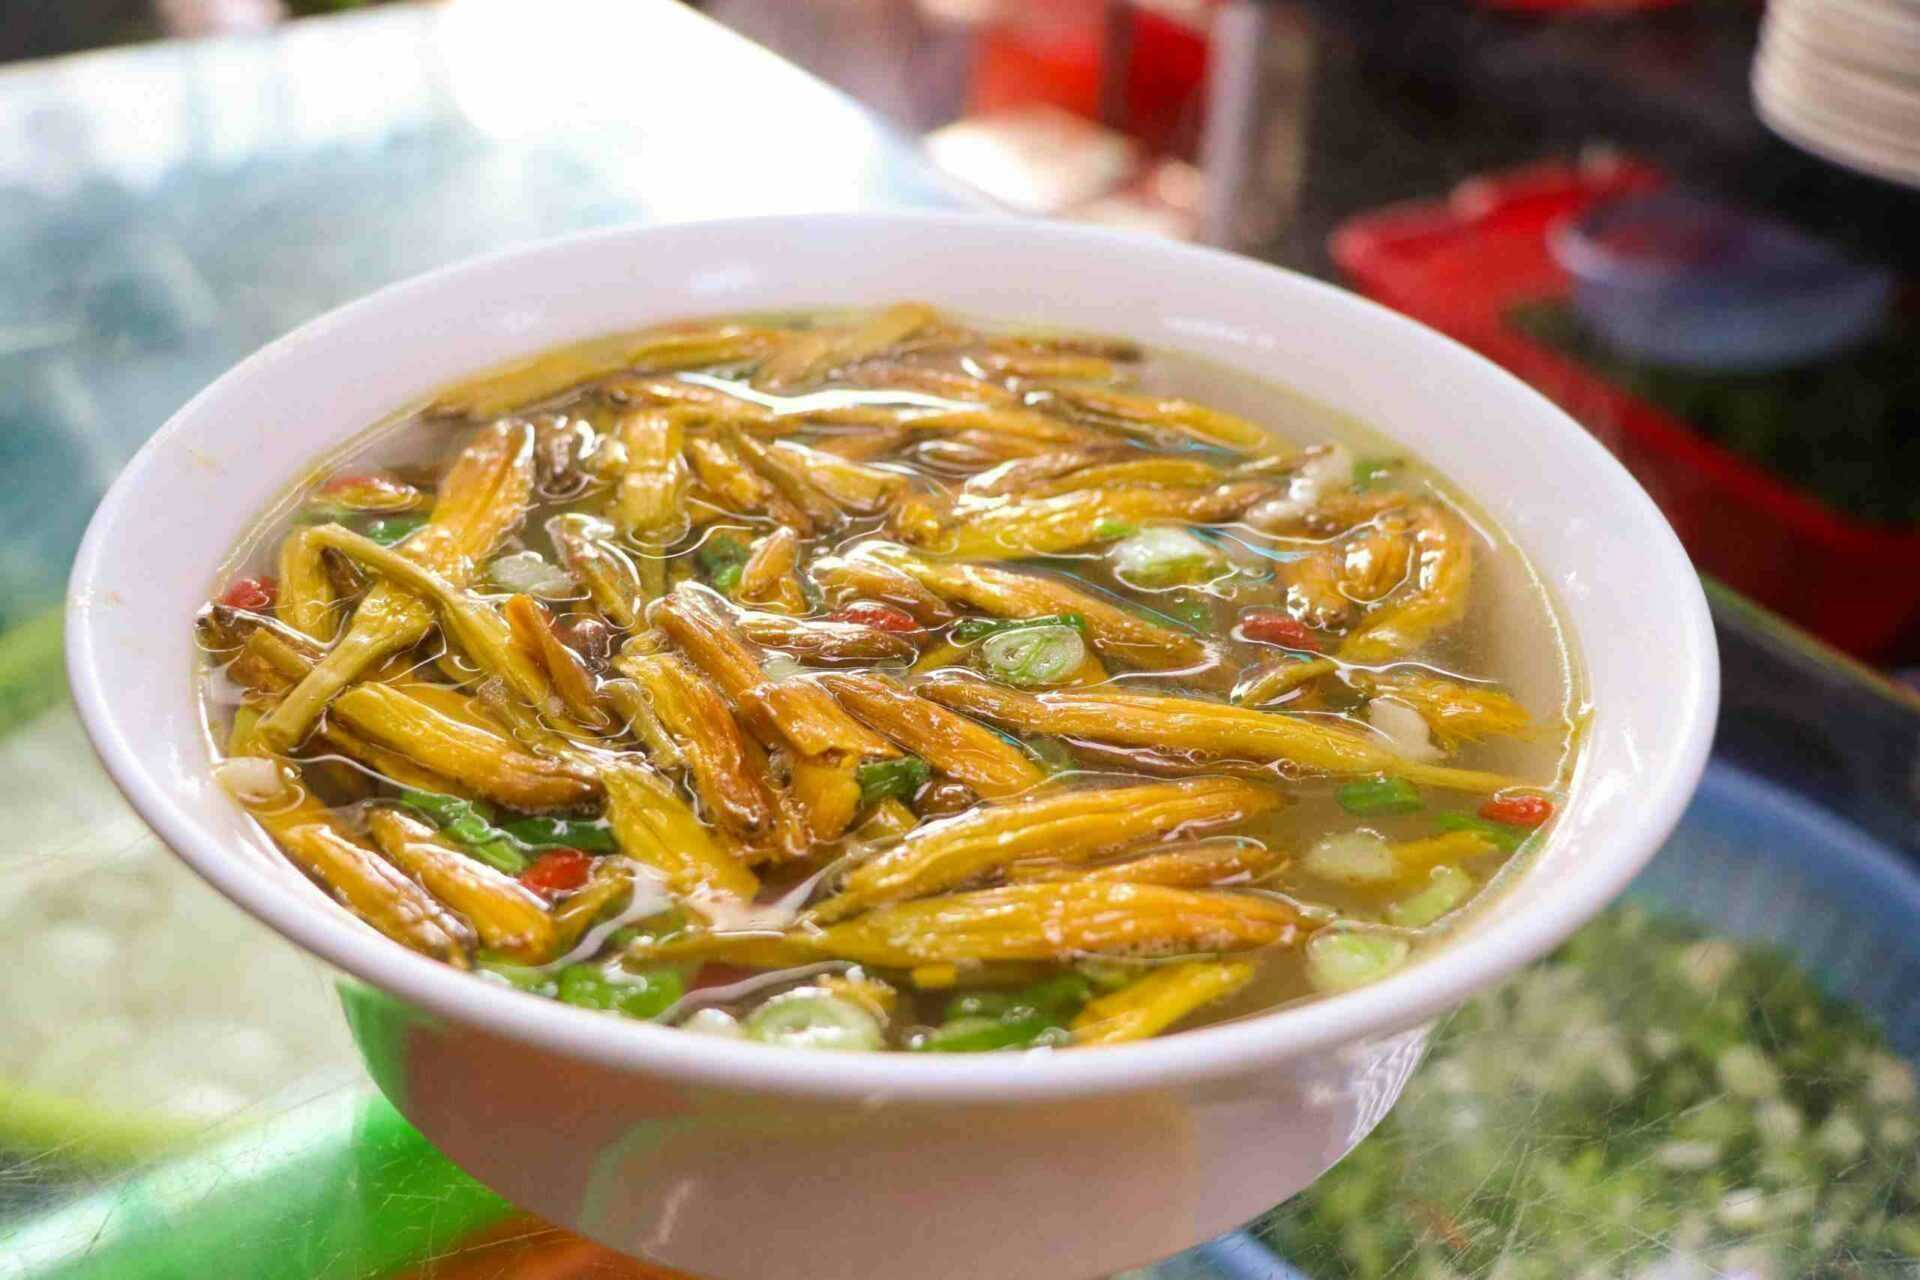 日月潭餐廳 潭鮮美食料理 金針肉絲湯